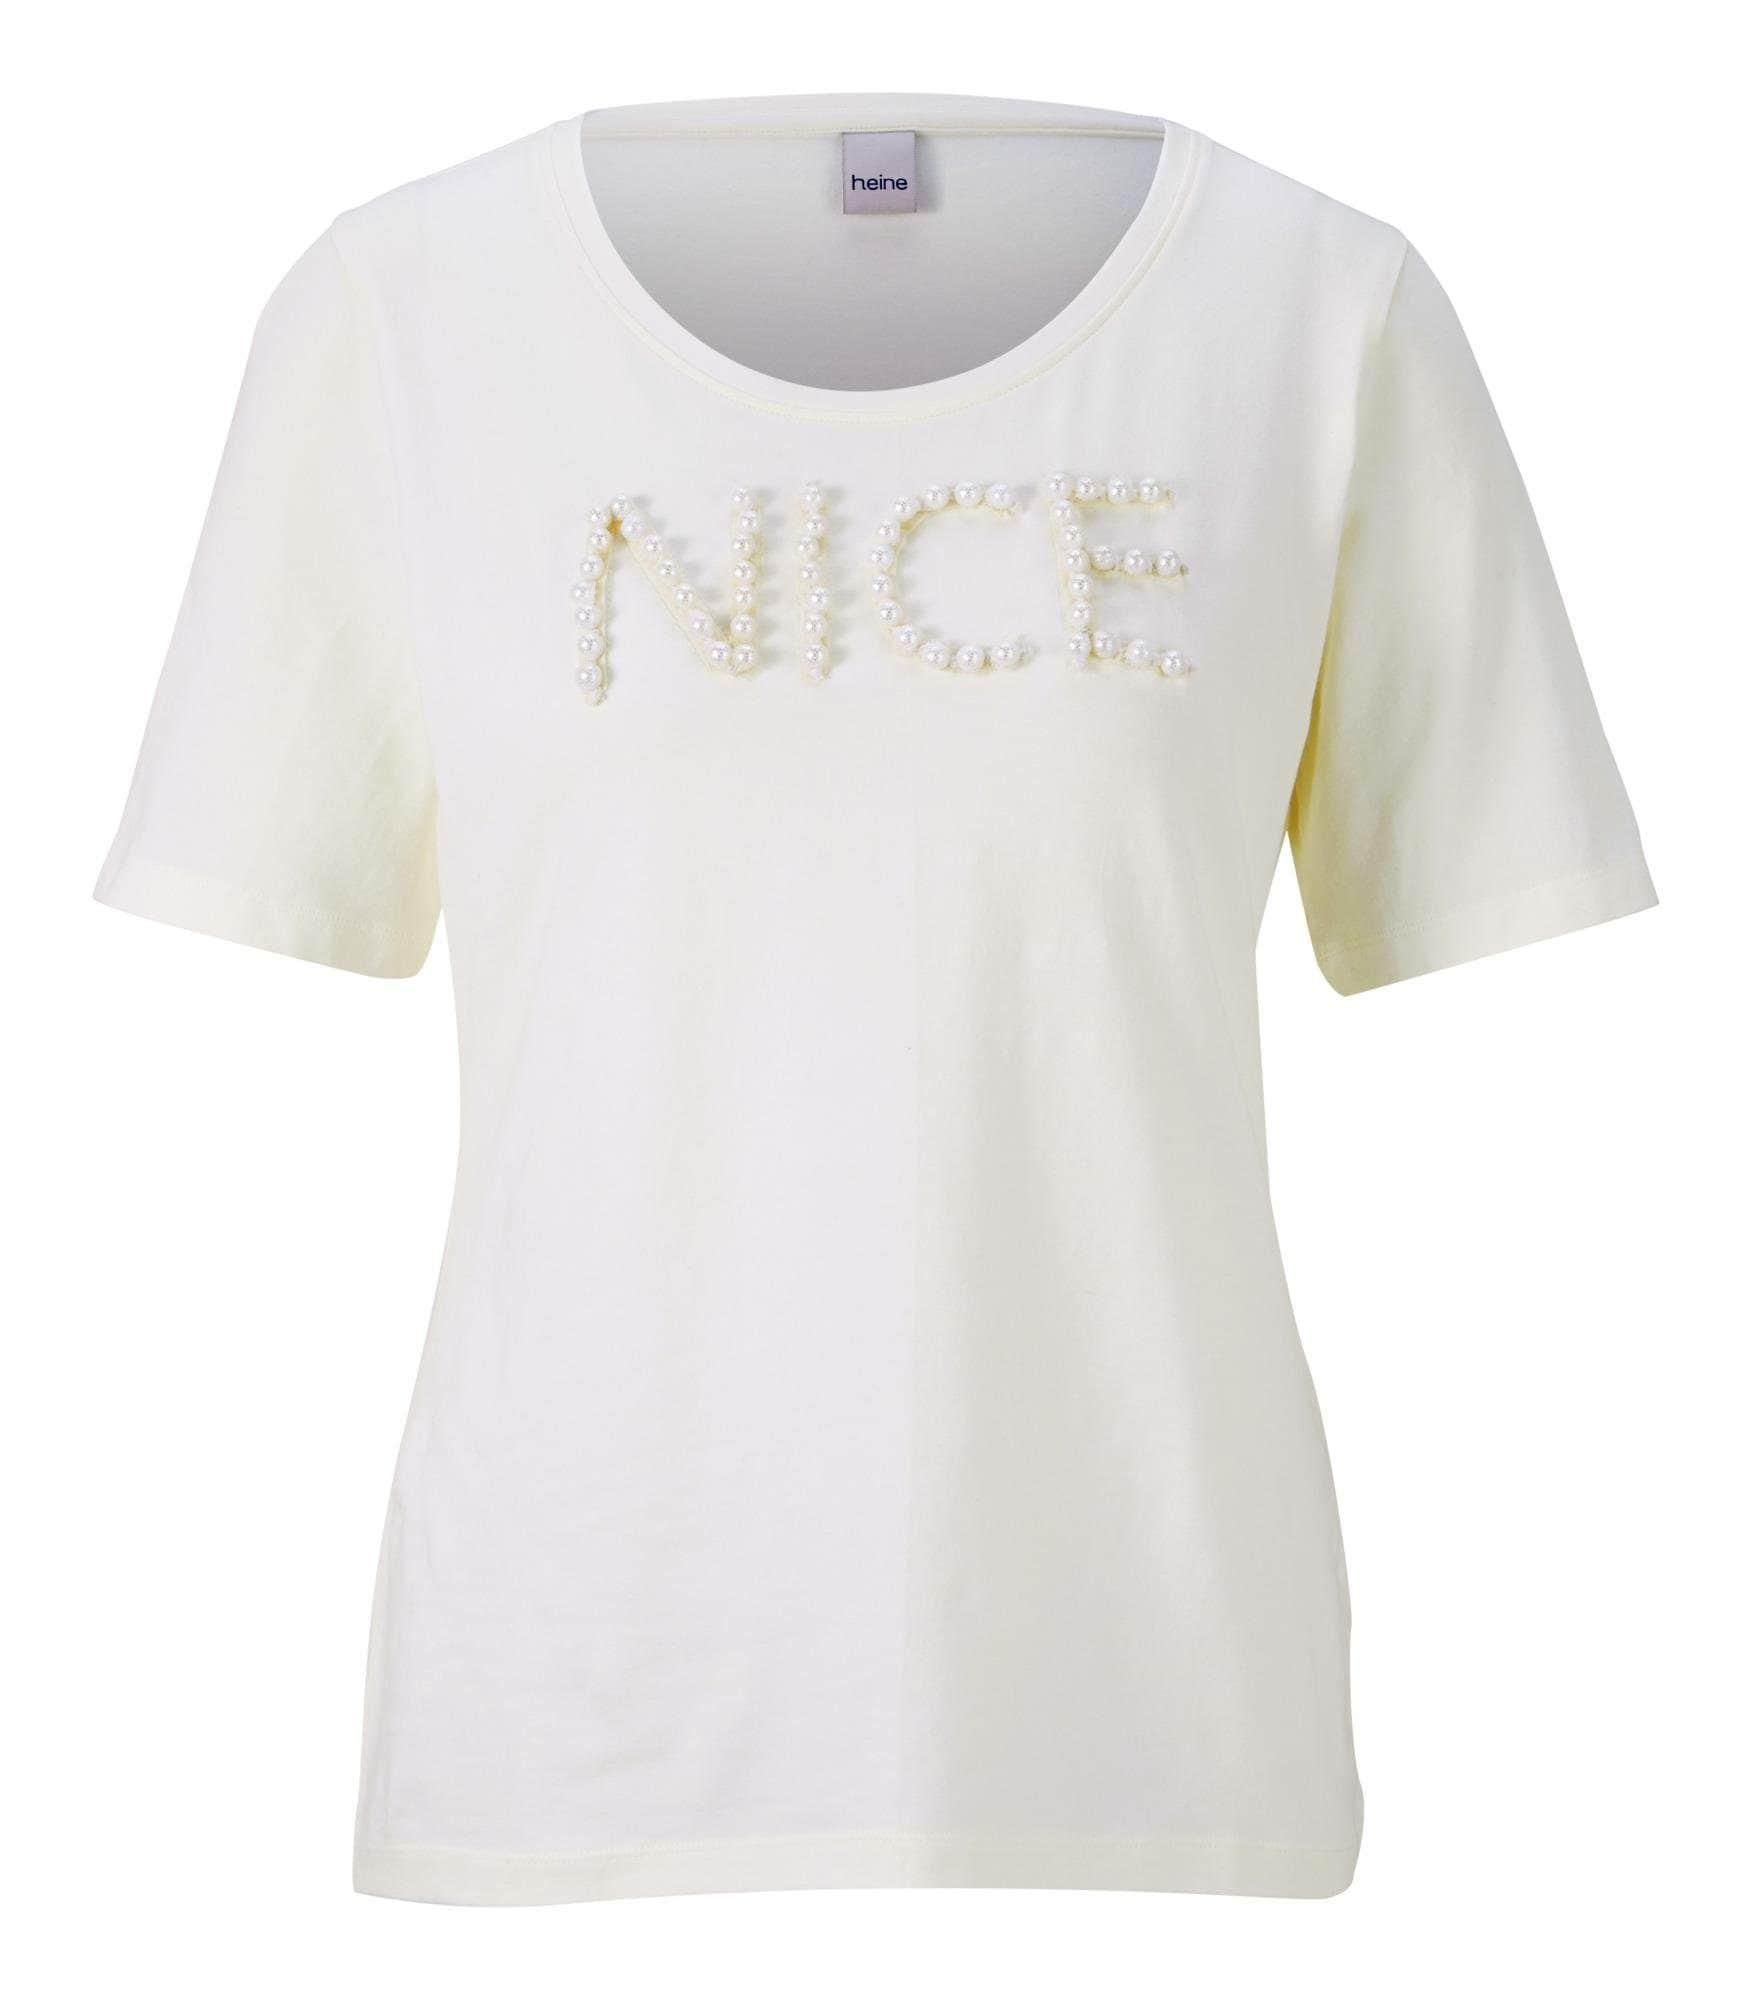 Rundhalsshirt | Bekleidung > Shirts > Rundhalsshirts | Weiß | heine